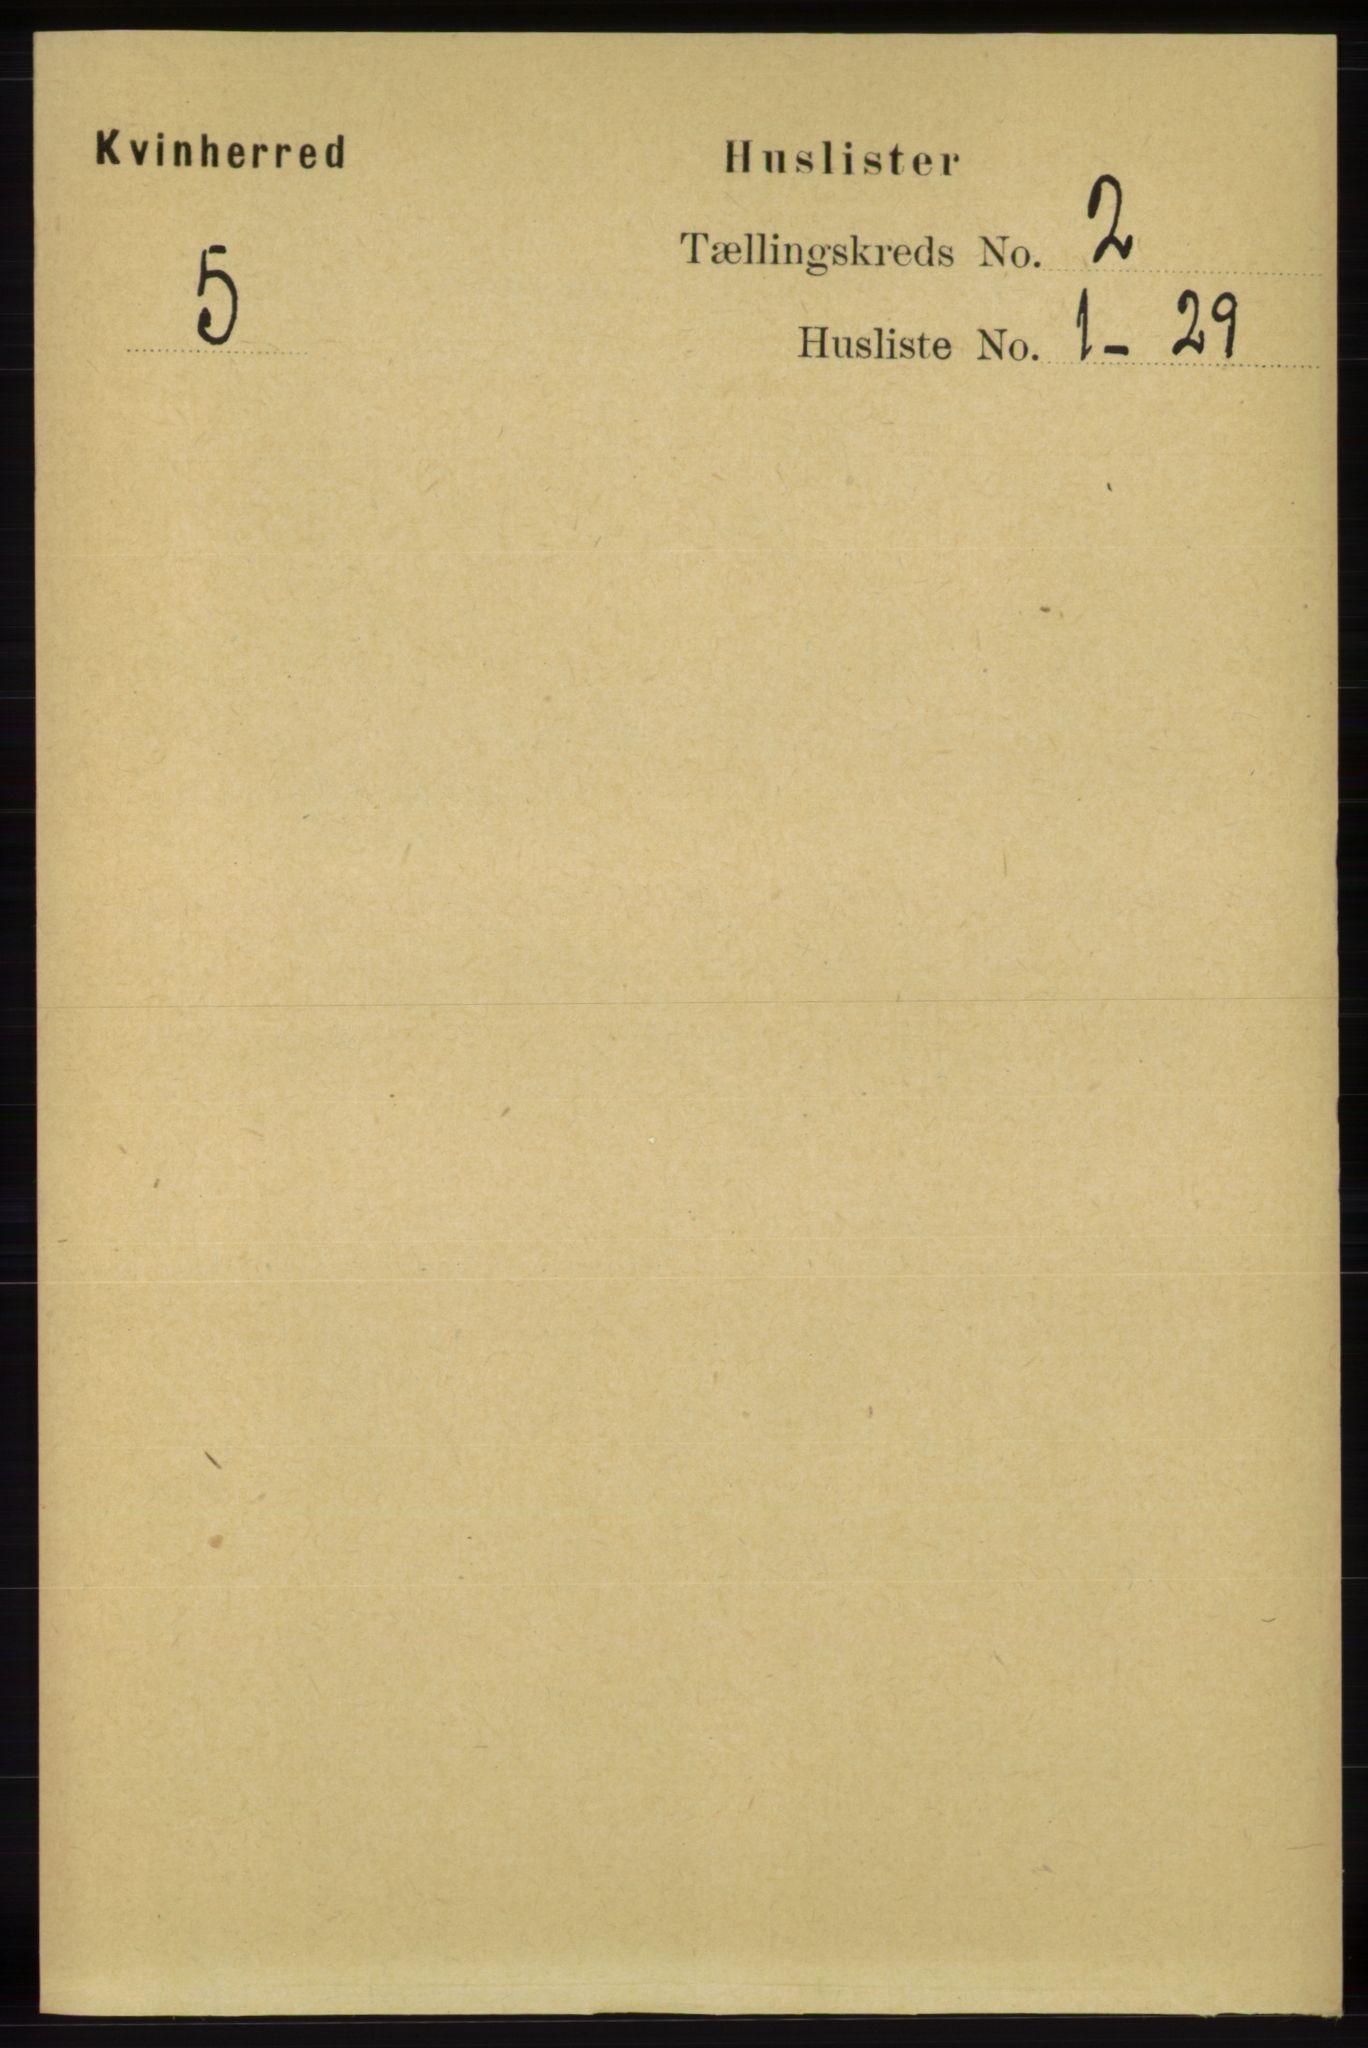 RA, Folketelling 1891 for 1224 Kvinnherad herred, 1891, s. 592